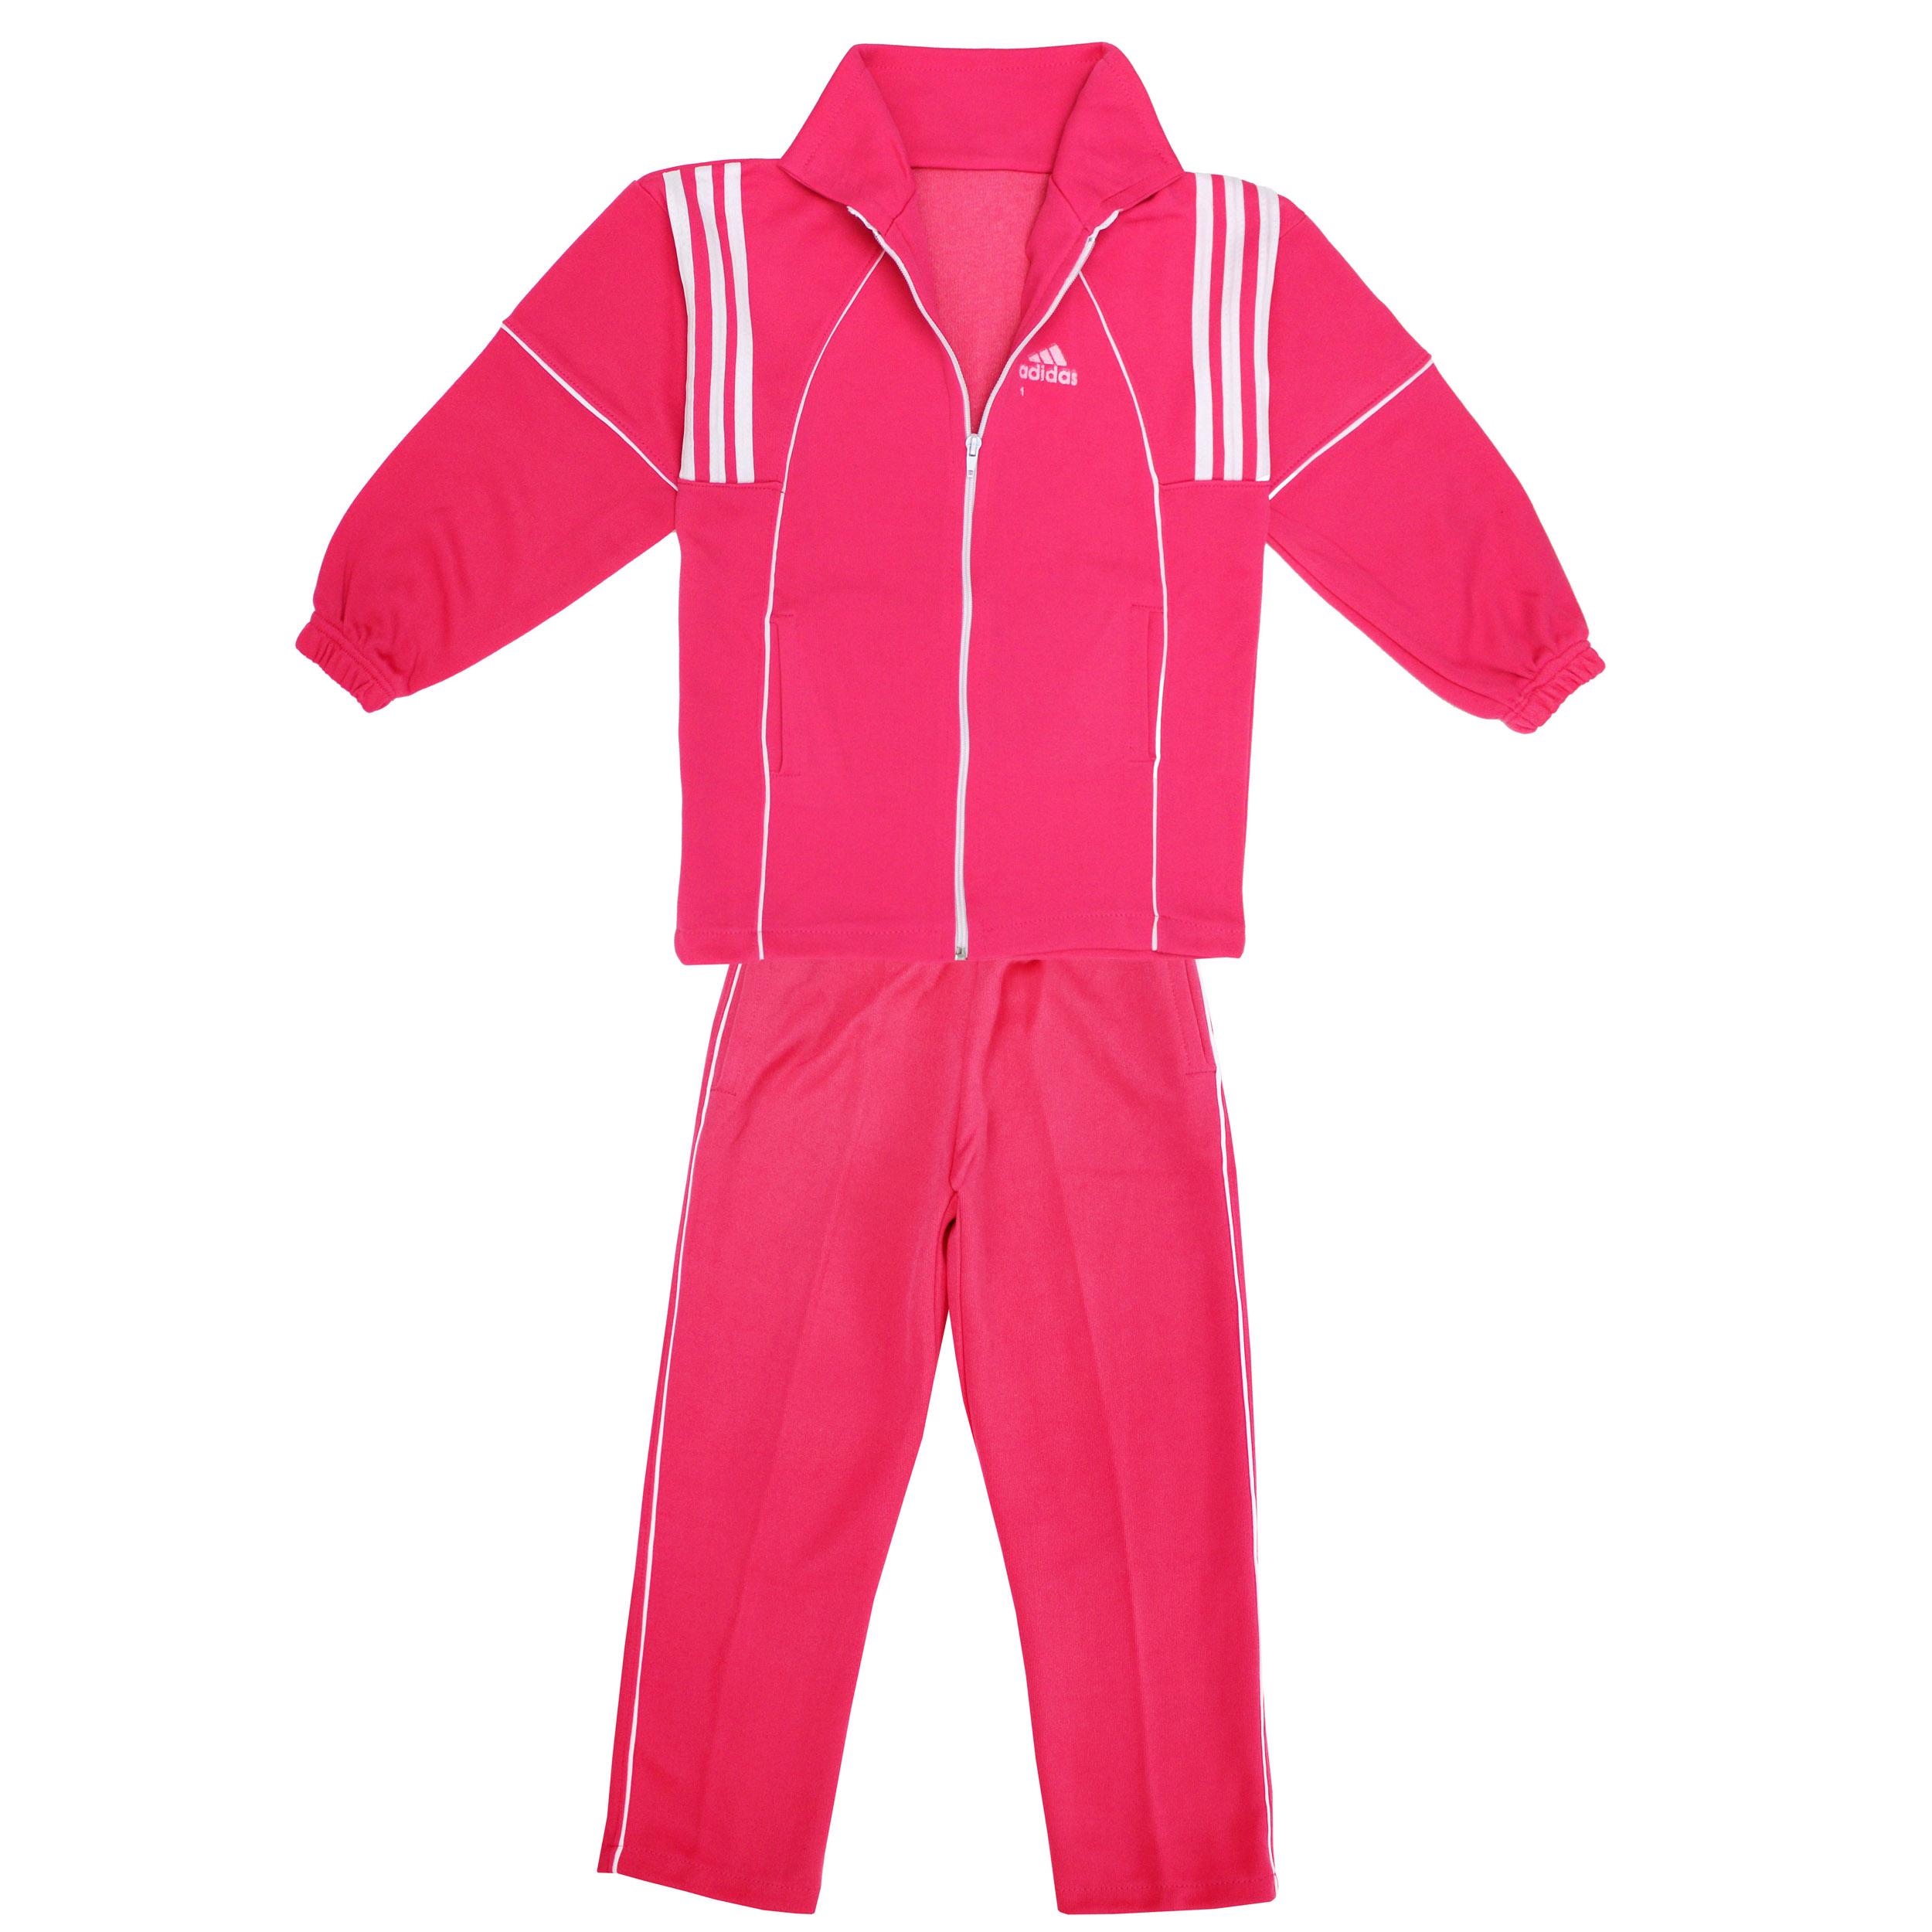 ست سویشرت و شلوار ورزشی دخترانه کد SORKHA12334                     غیر اصل